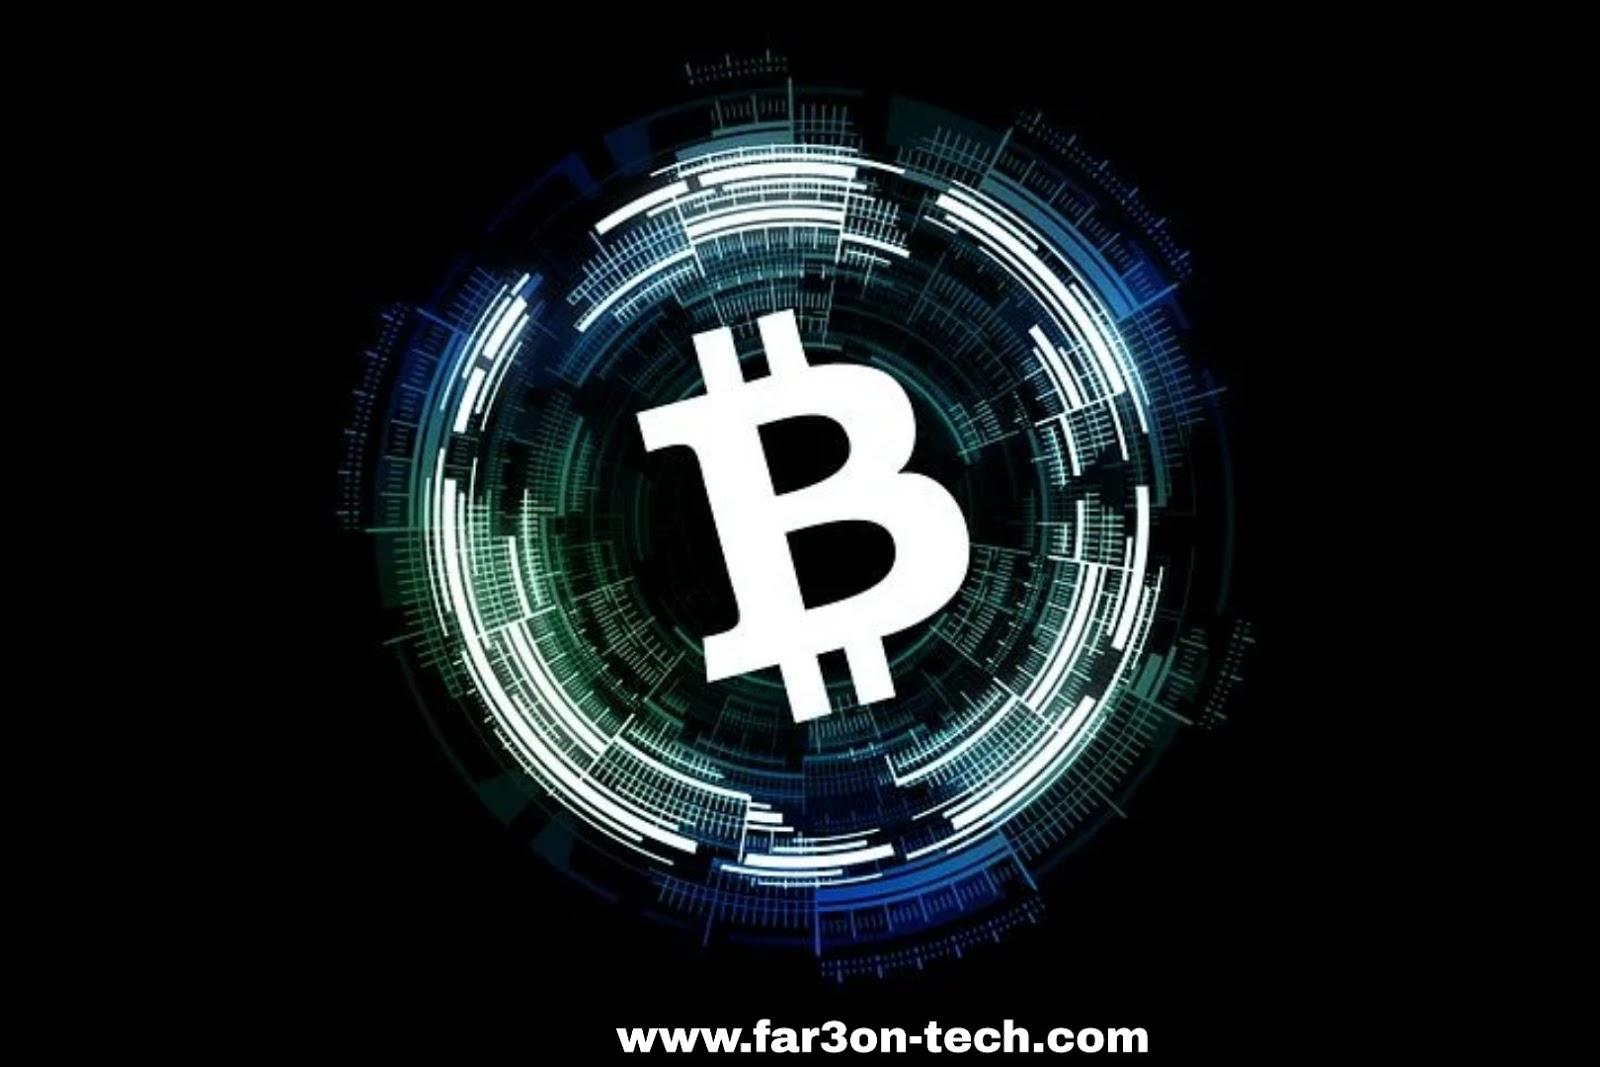 ما هي العملات الالكترونيه وبيتكوين|شرح عمل محفظة إلكترونية